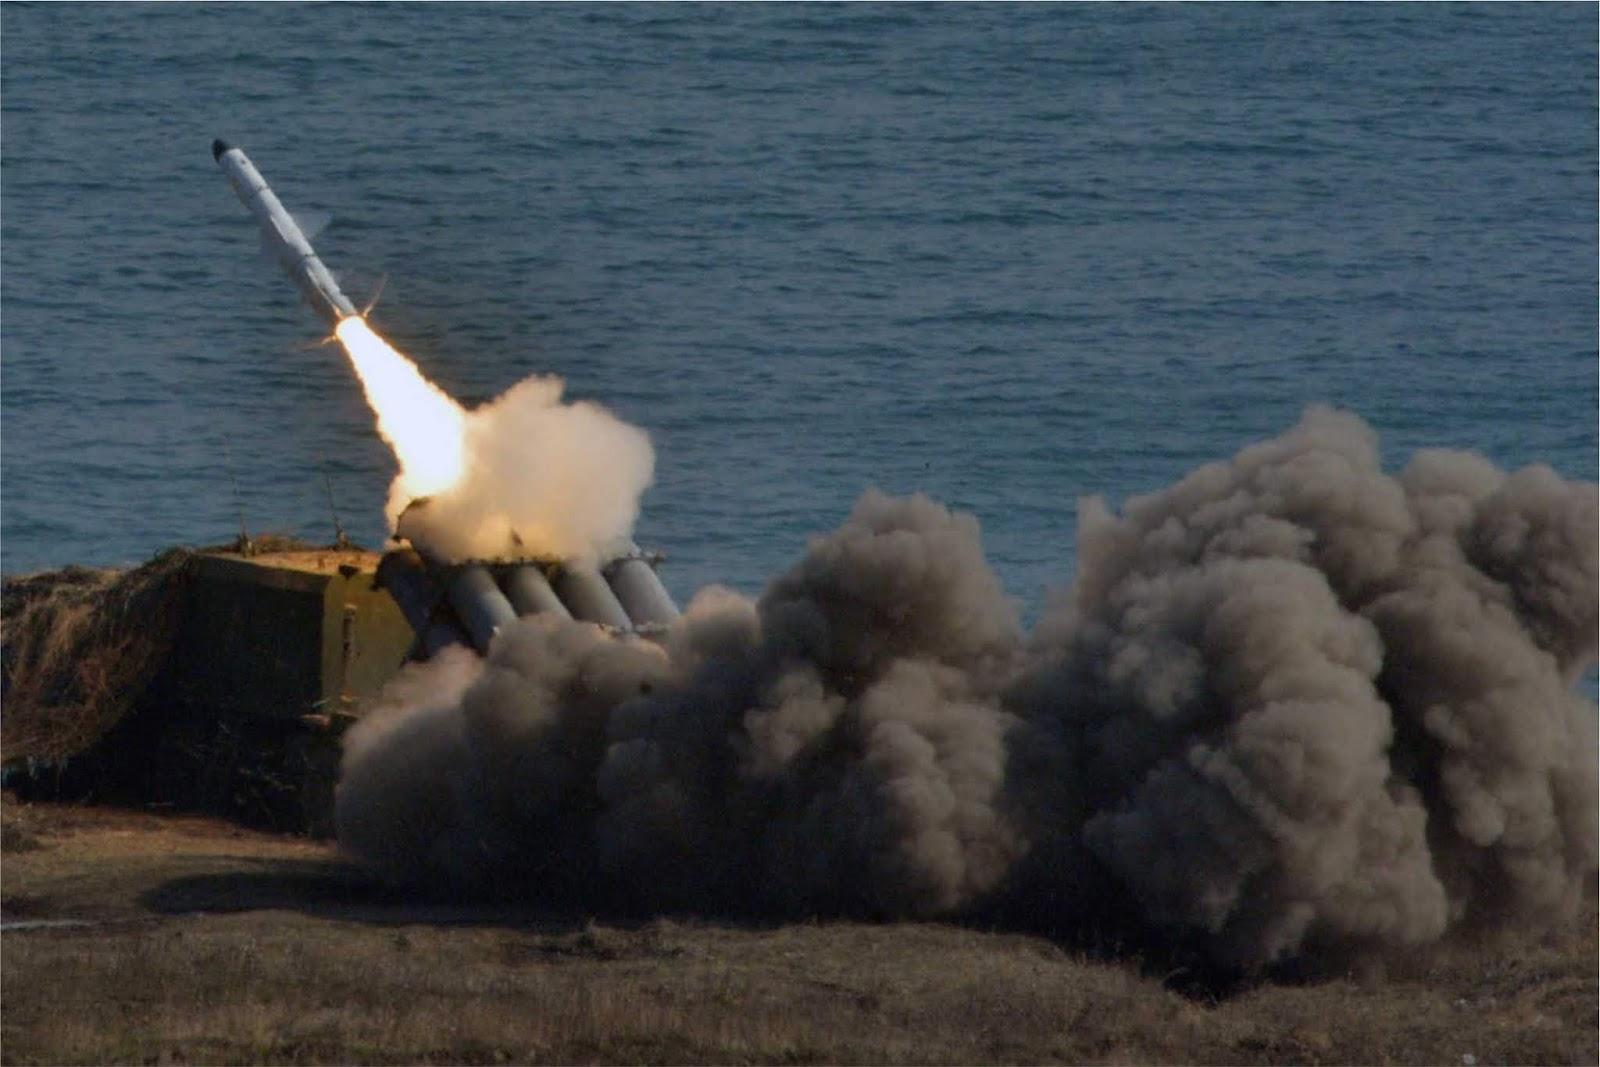 Rusia sedang mengembangkan rudal jelajah anti-kapal baru